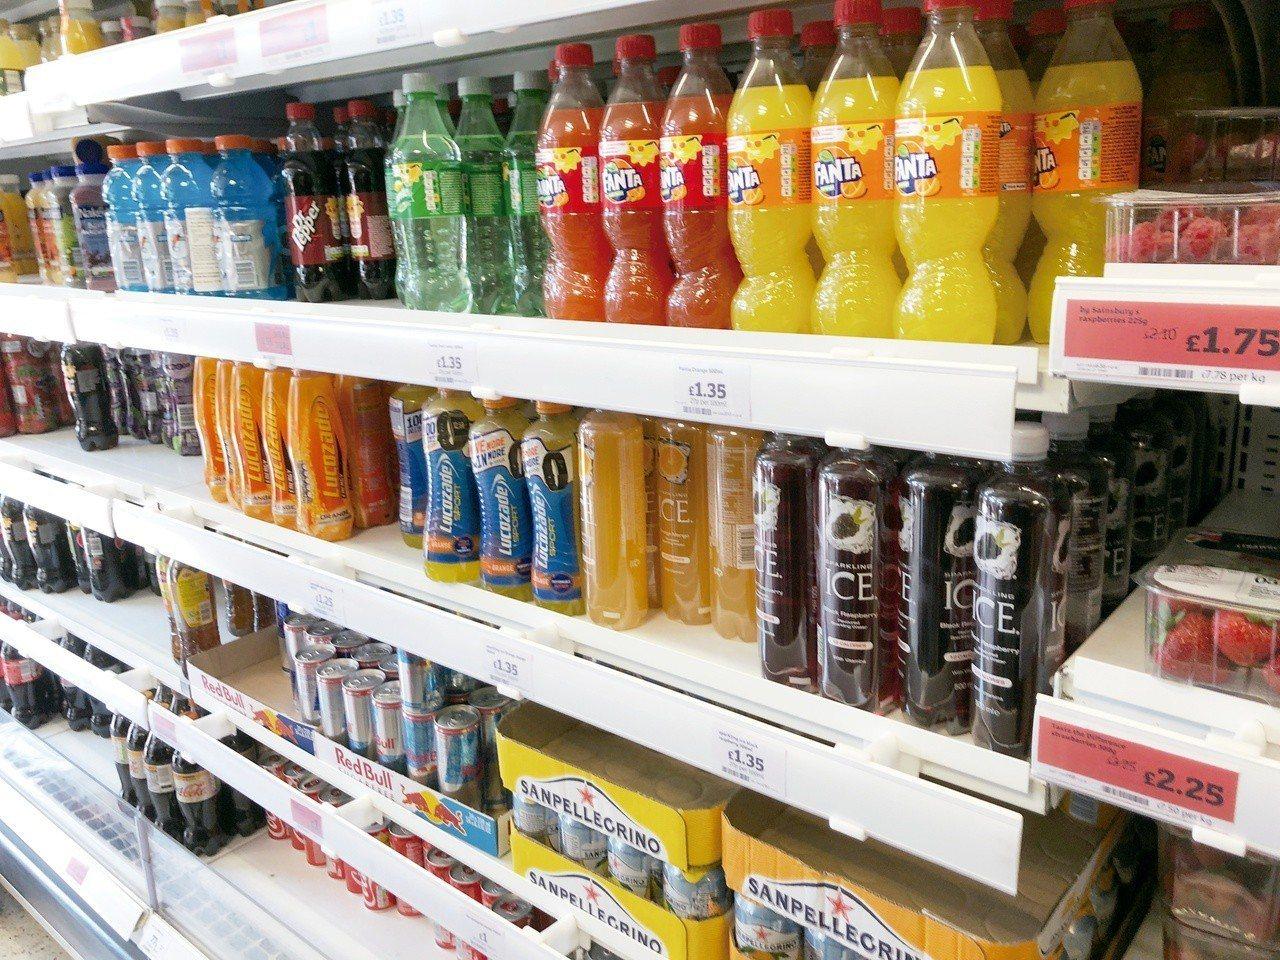 英國今年4月6日起針對含糖飲料徵收「糖稅」,希望藉此打擊肥胖問題。